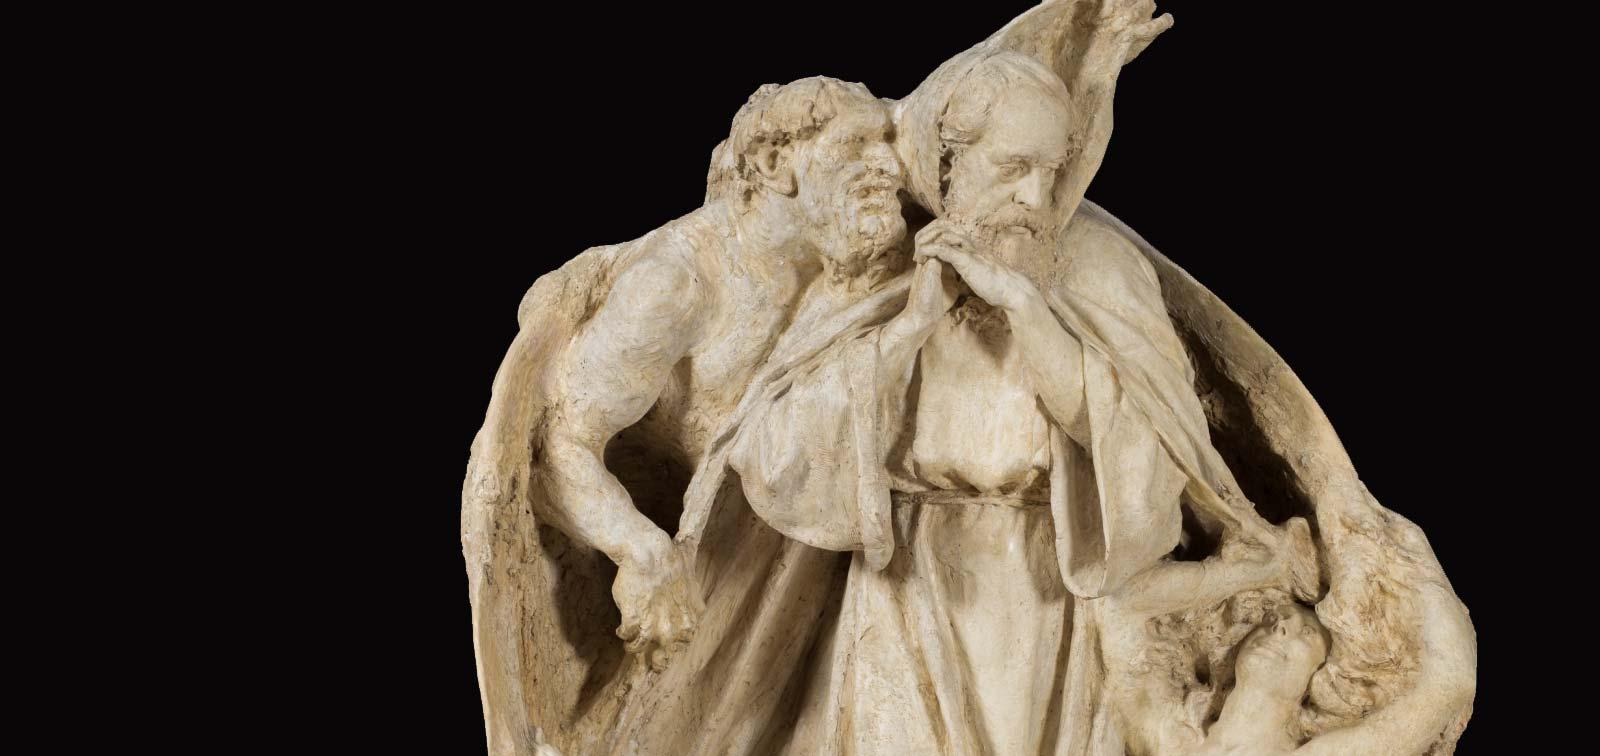 Mujeres desnudas en el Museo del Prado (1833-1931)